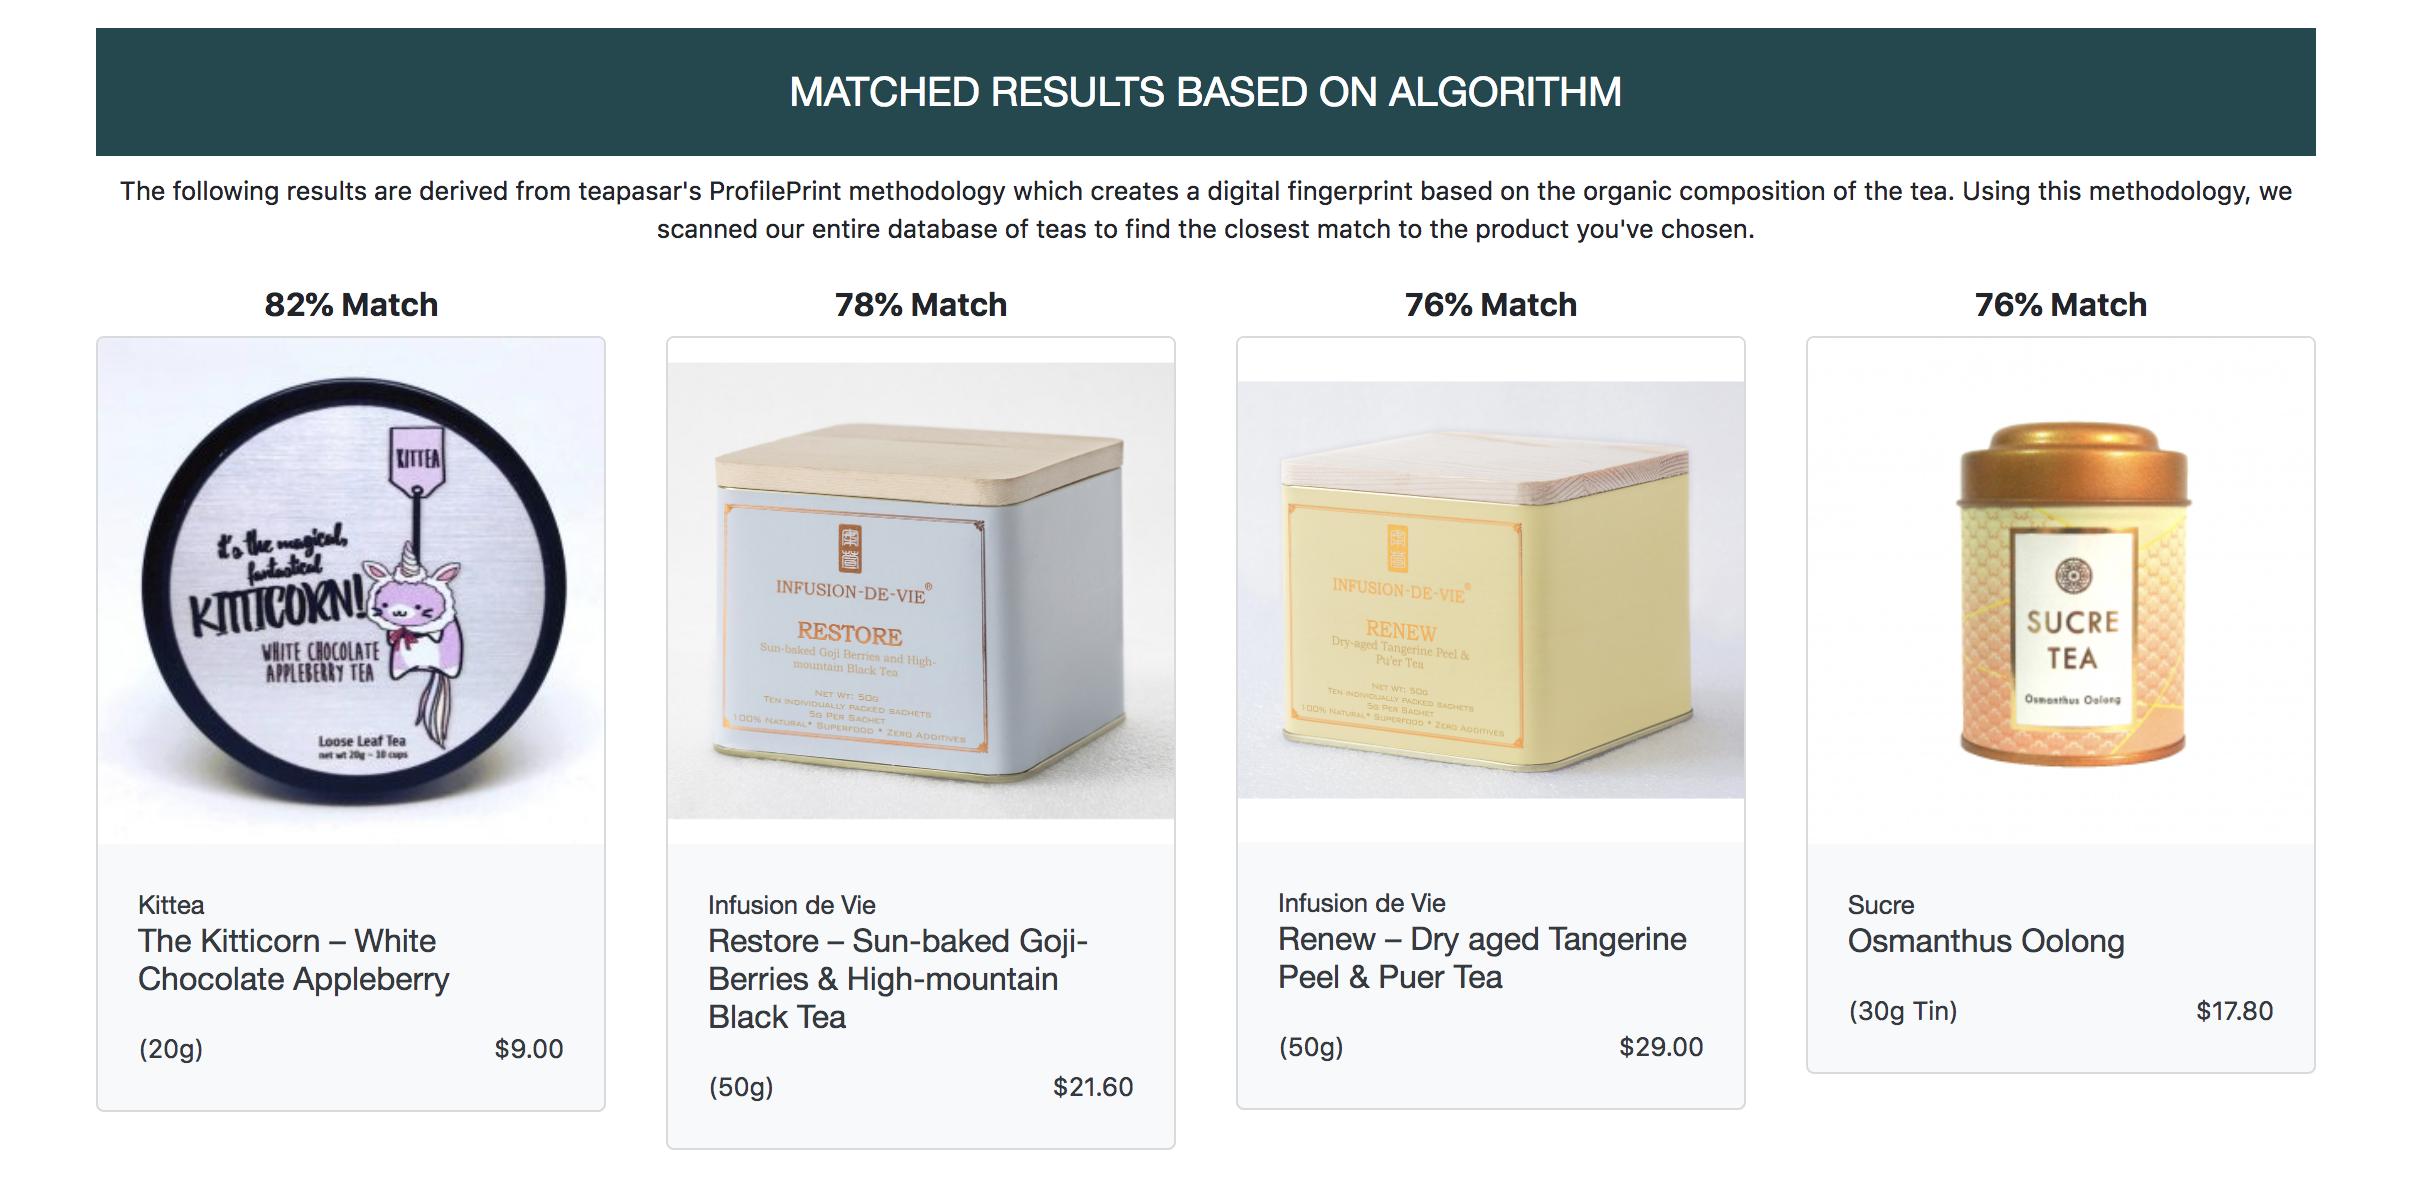 teapasar website matching algorithm